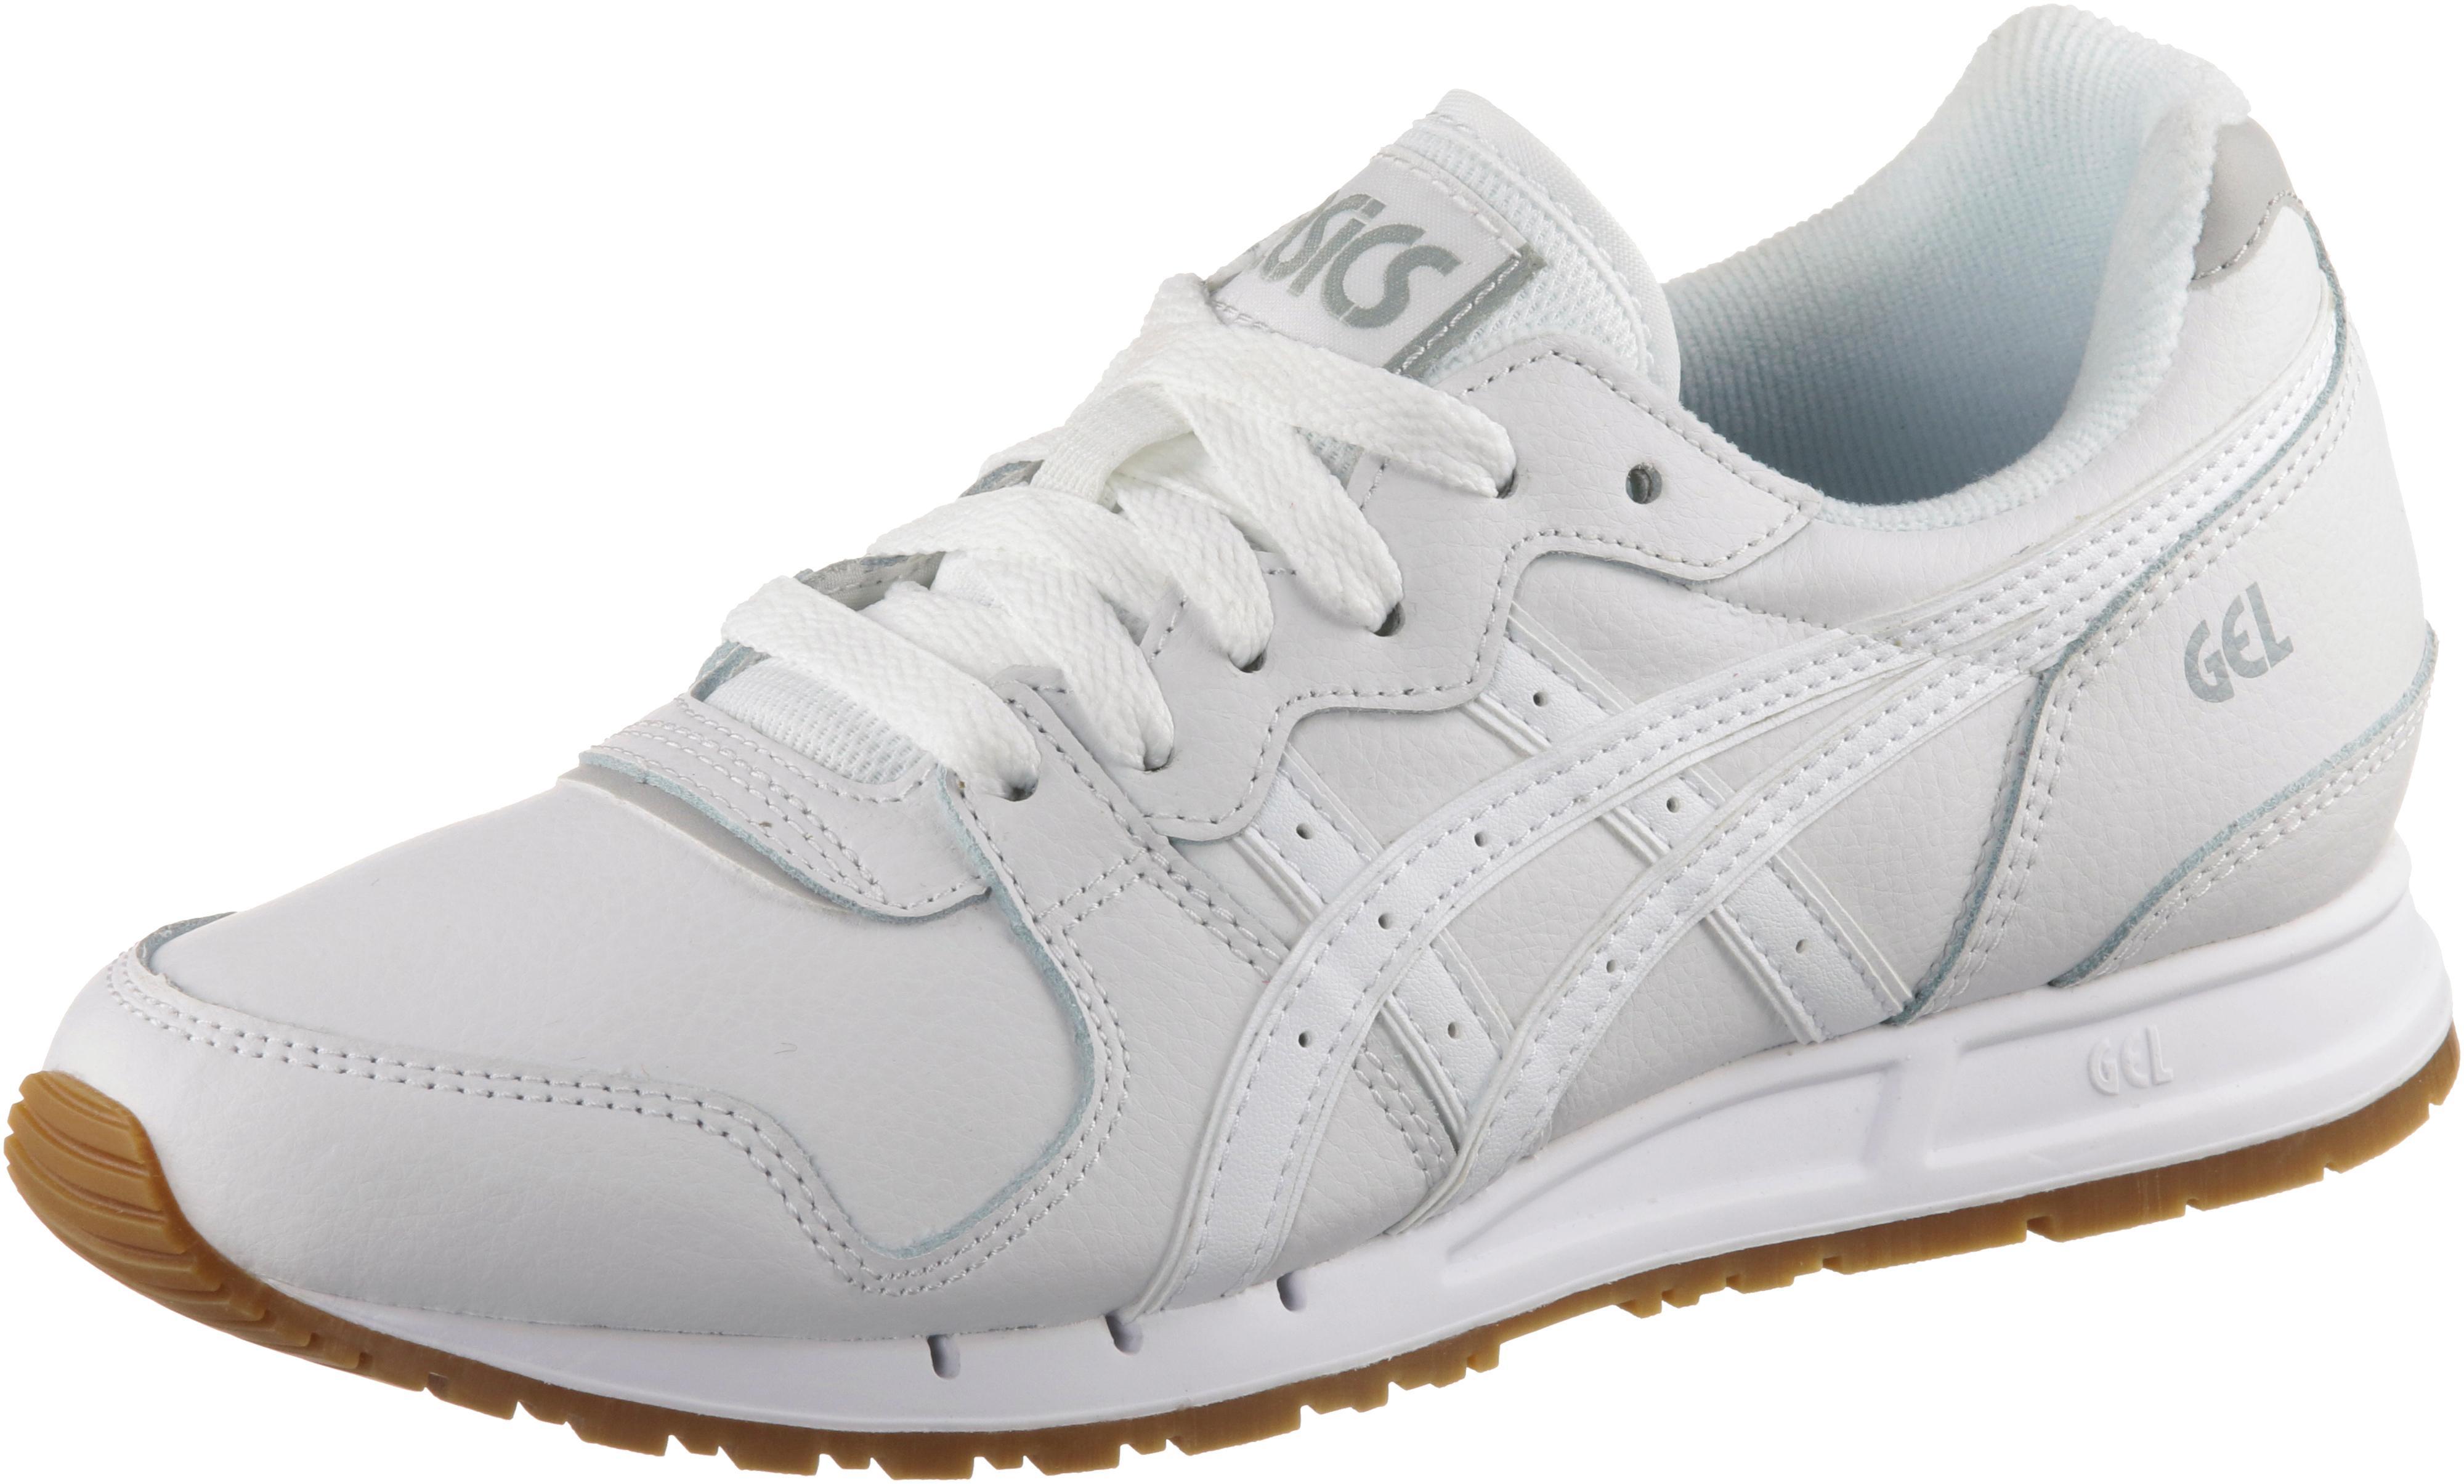 ASICS GEL MOVIMENTUM Sneaker Damen white/white im Online Shop von  SportScheck kaufen